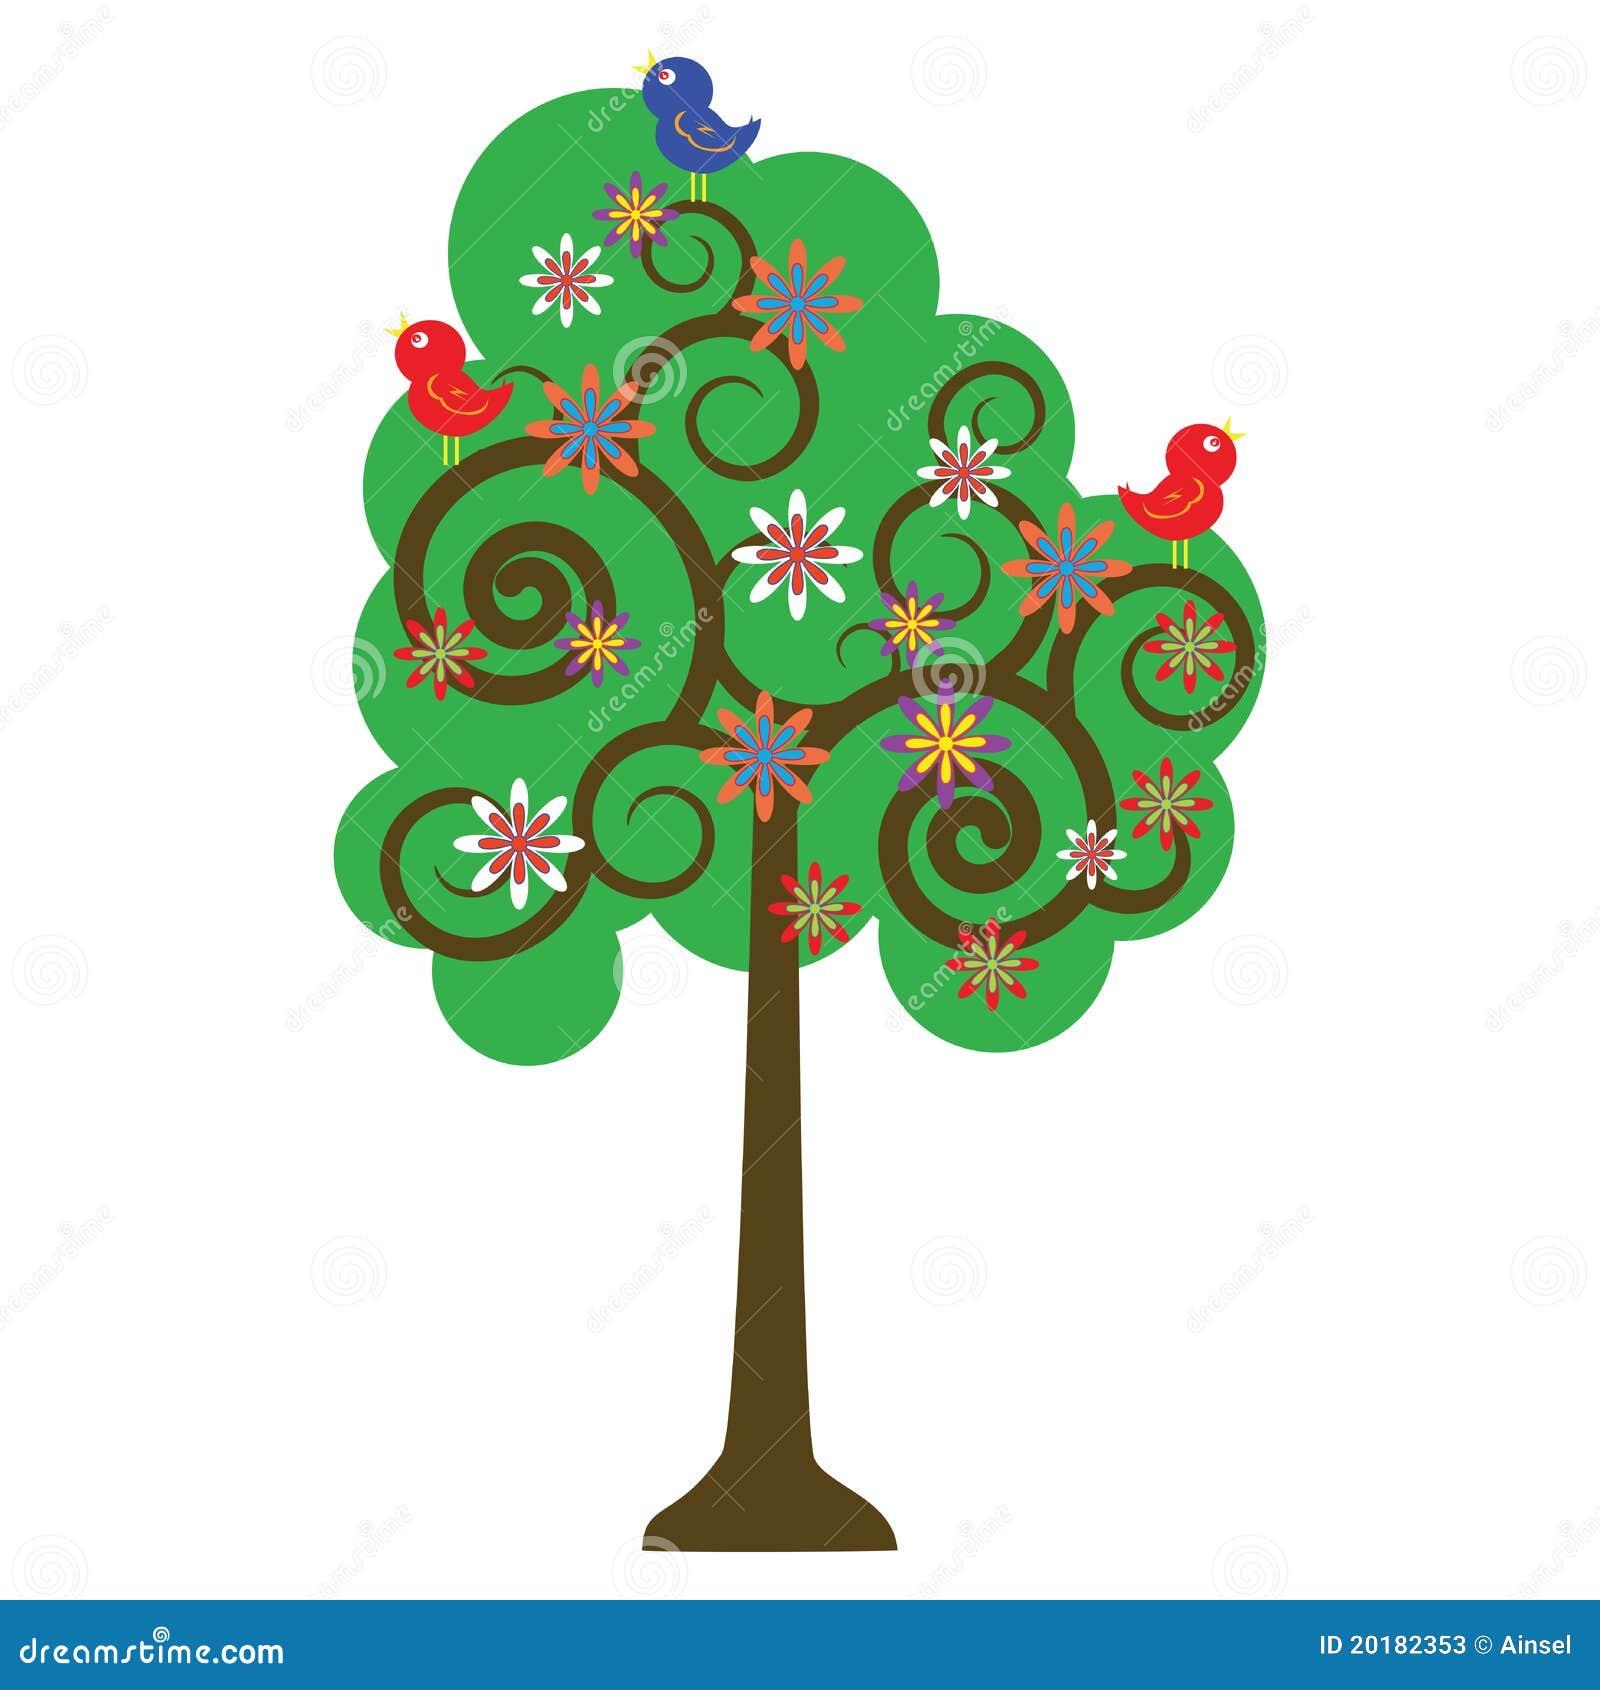 Vector Illustration Of Love Bird On Top Of Swirly Tree Stock Vector ...